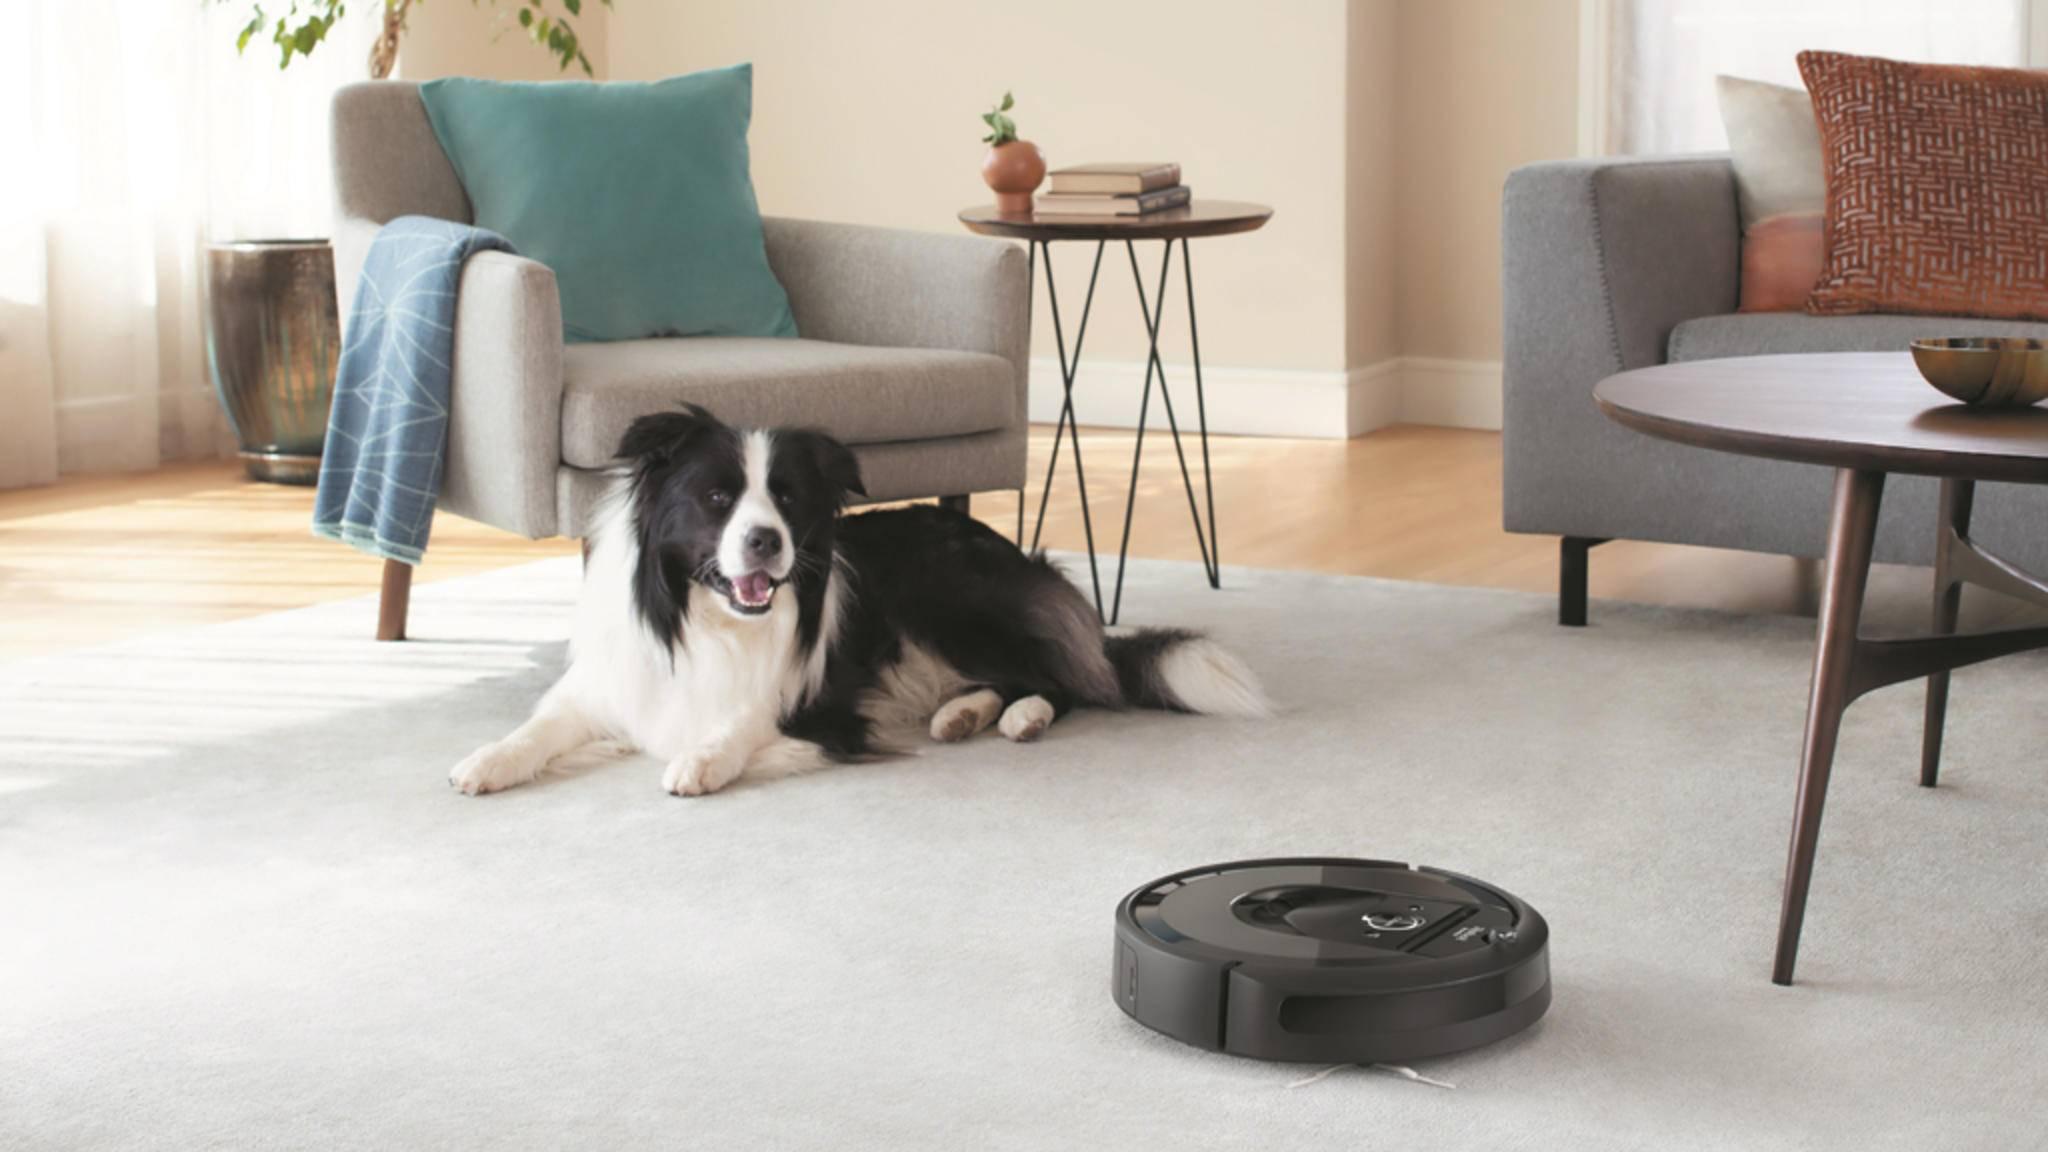 Der Roomba räumt ab sofort quasi hinter sich selbst auf.